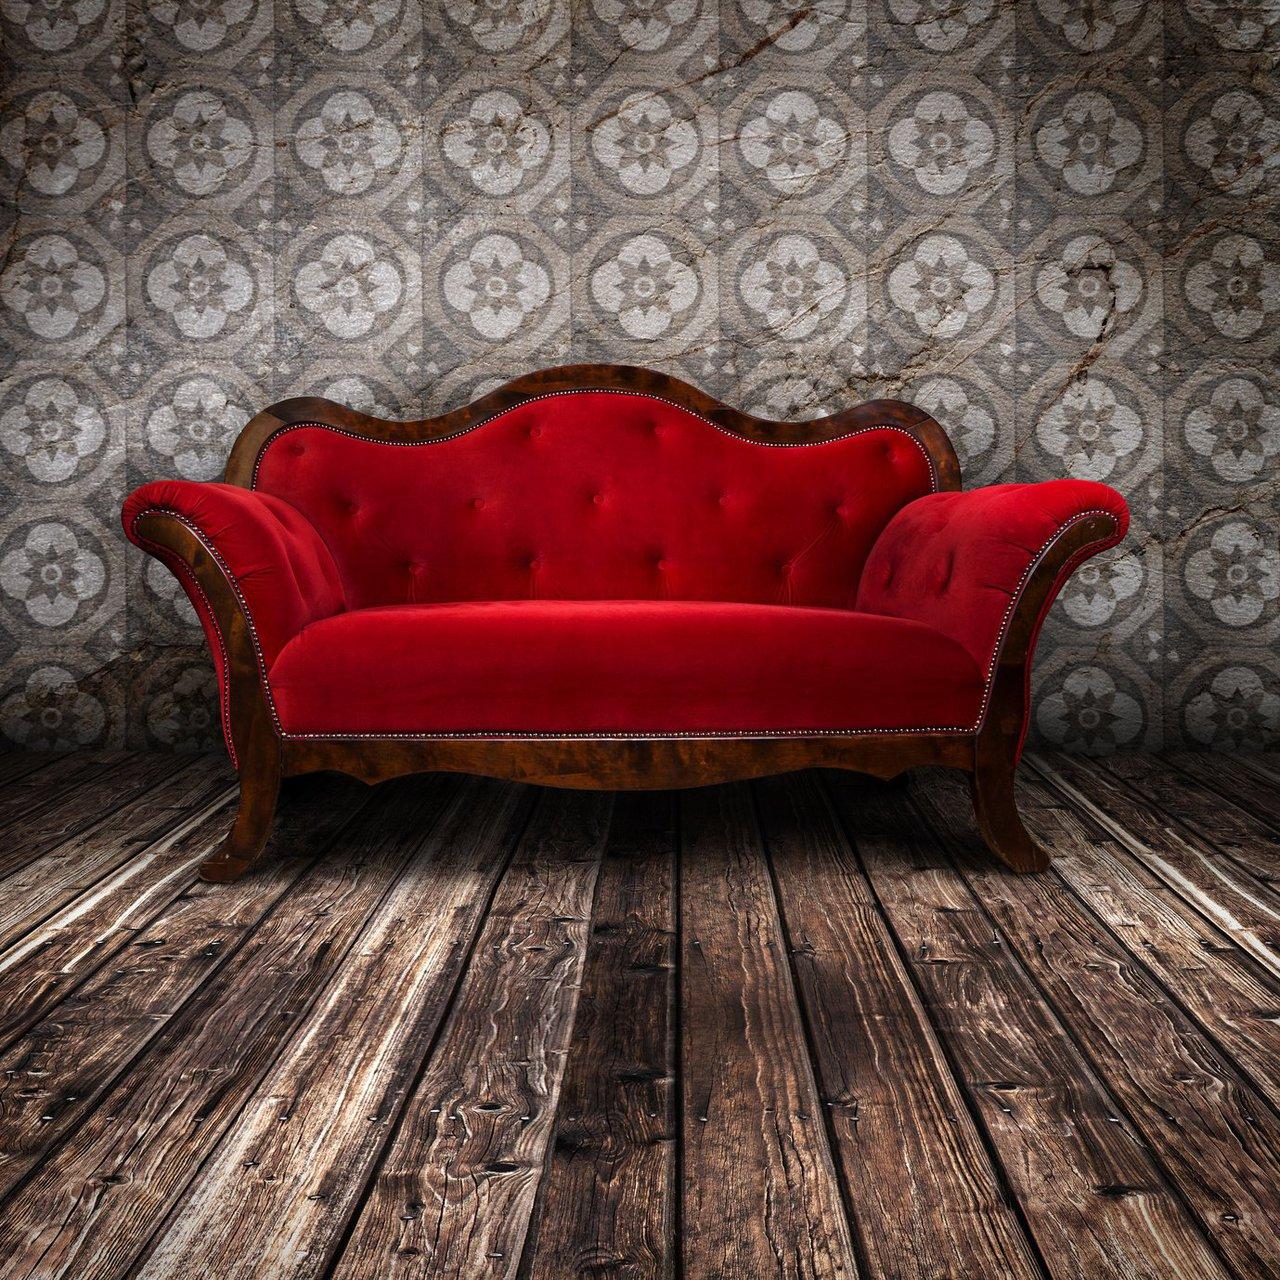 Altes Sofa Reinigen neu polstern aus alten sitzmöbeln werden schmuckstücke jacob